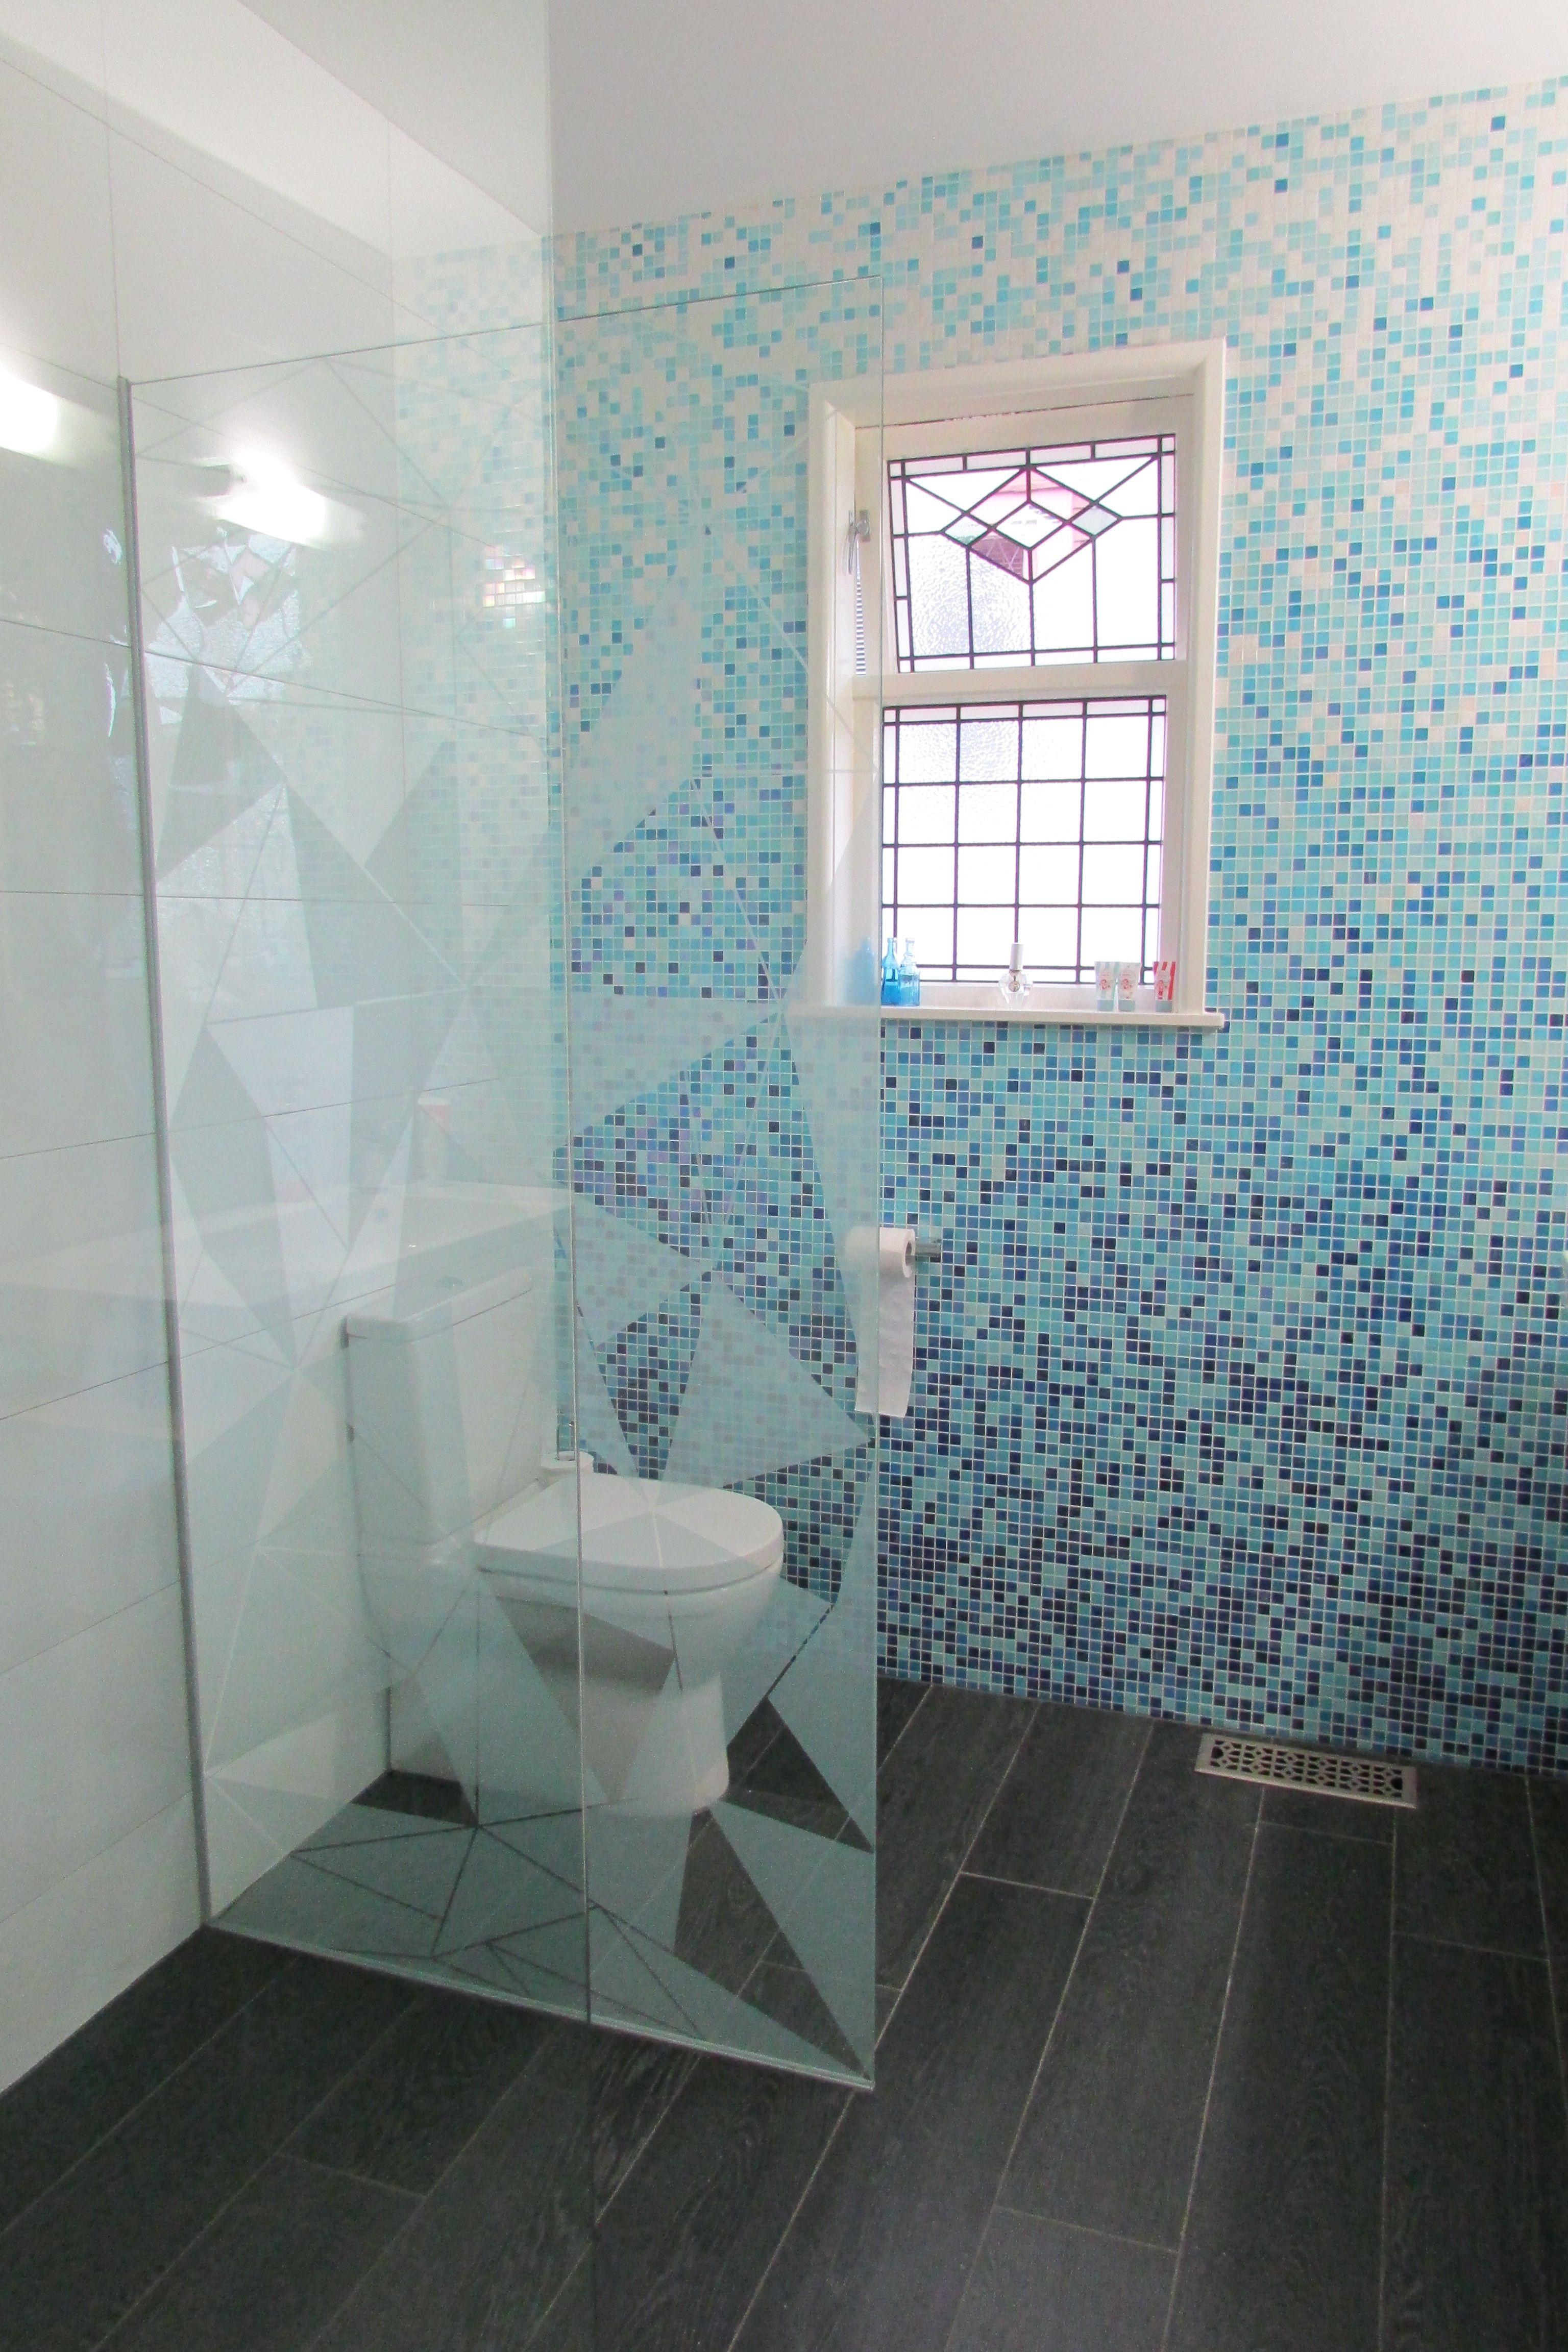 Bisazza Gladiolo & Bioplank woodlook | Bathroom Tile Ideas ...